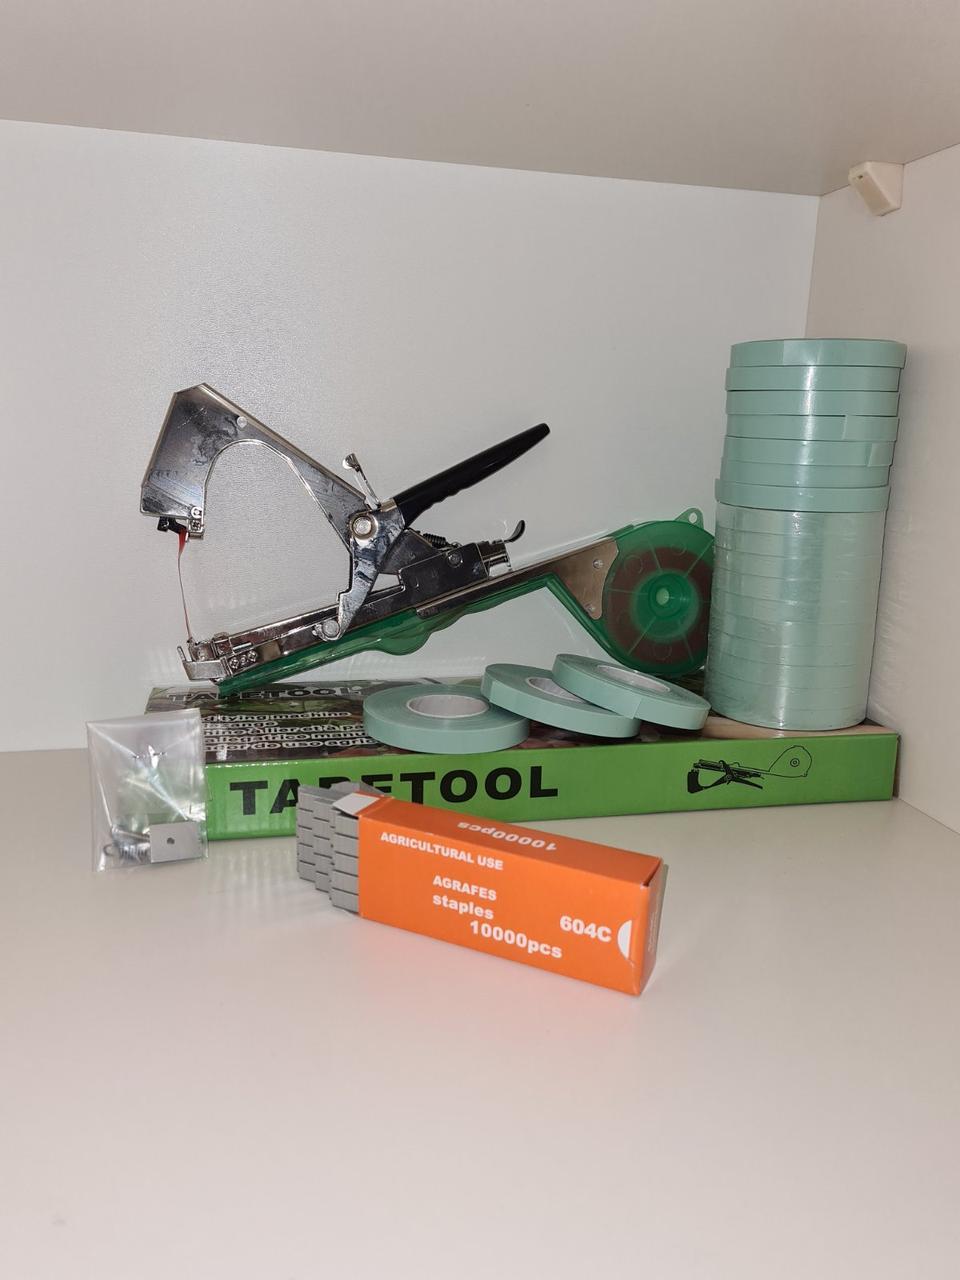 Набор для подвязки винограда❦, овощей☘ и малины❁: степлер Tapetool✚лента 350 метров✚скобы 10000 штук